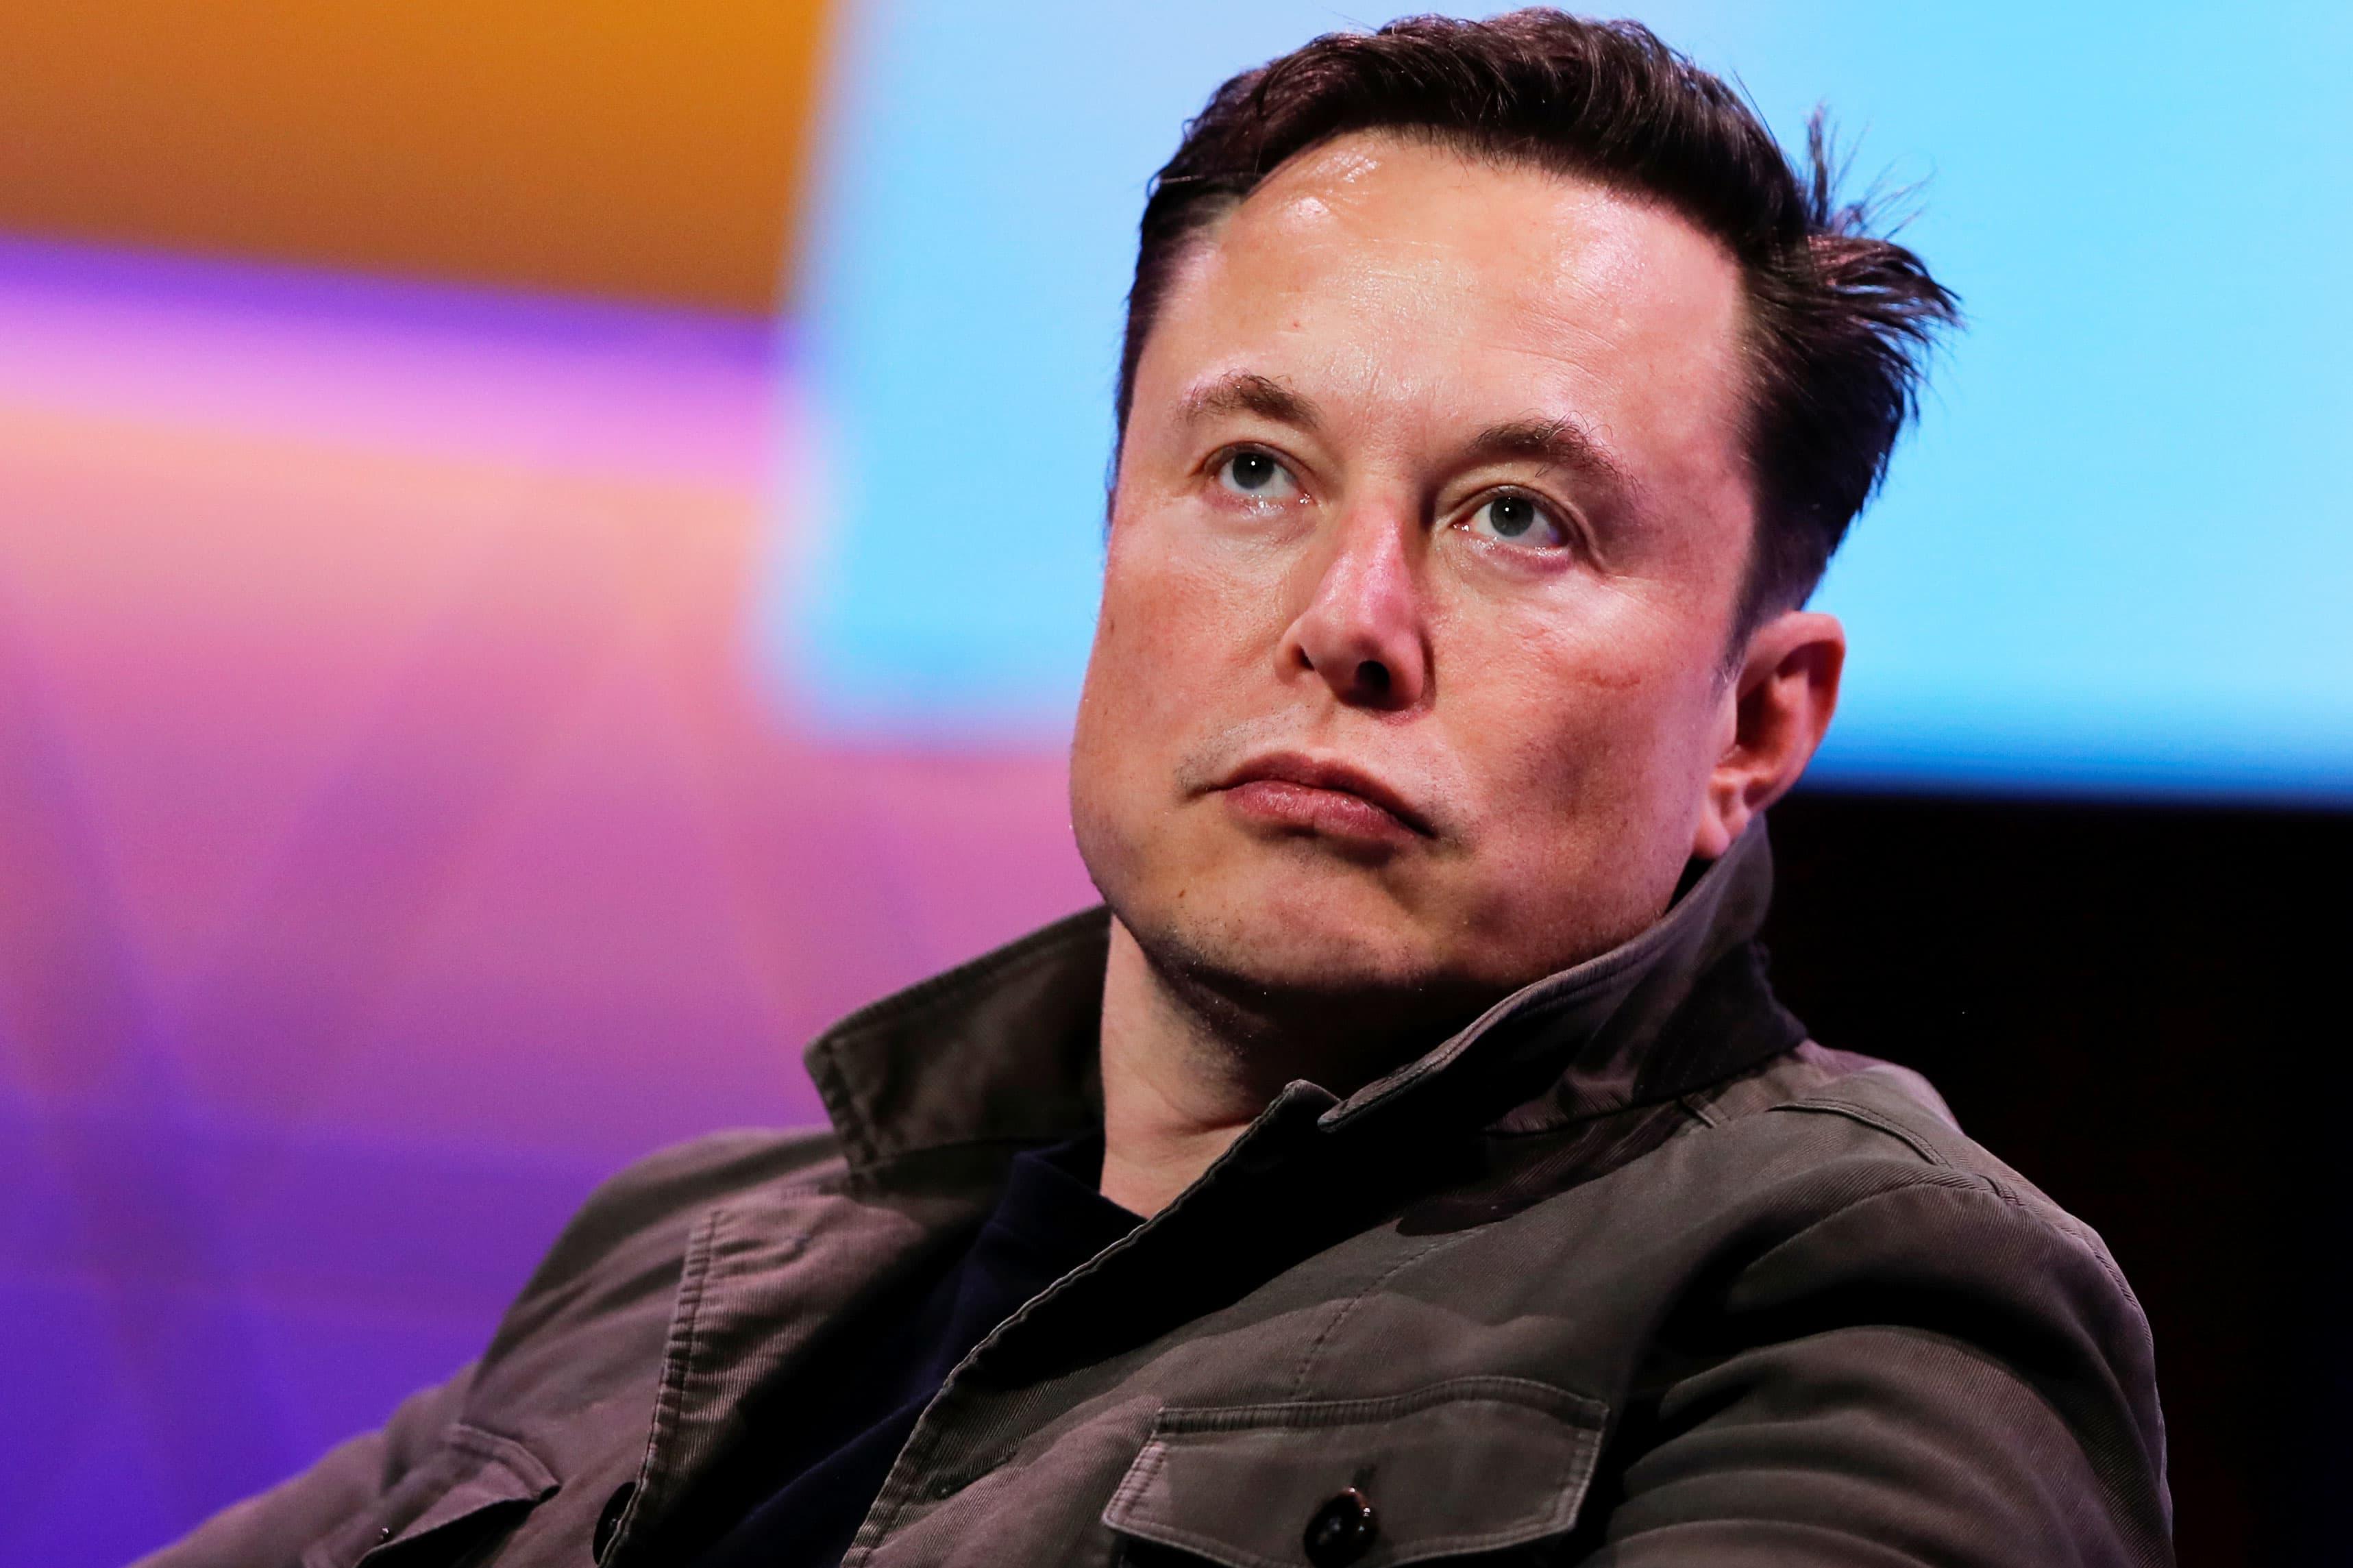 Elon musk 2020